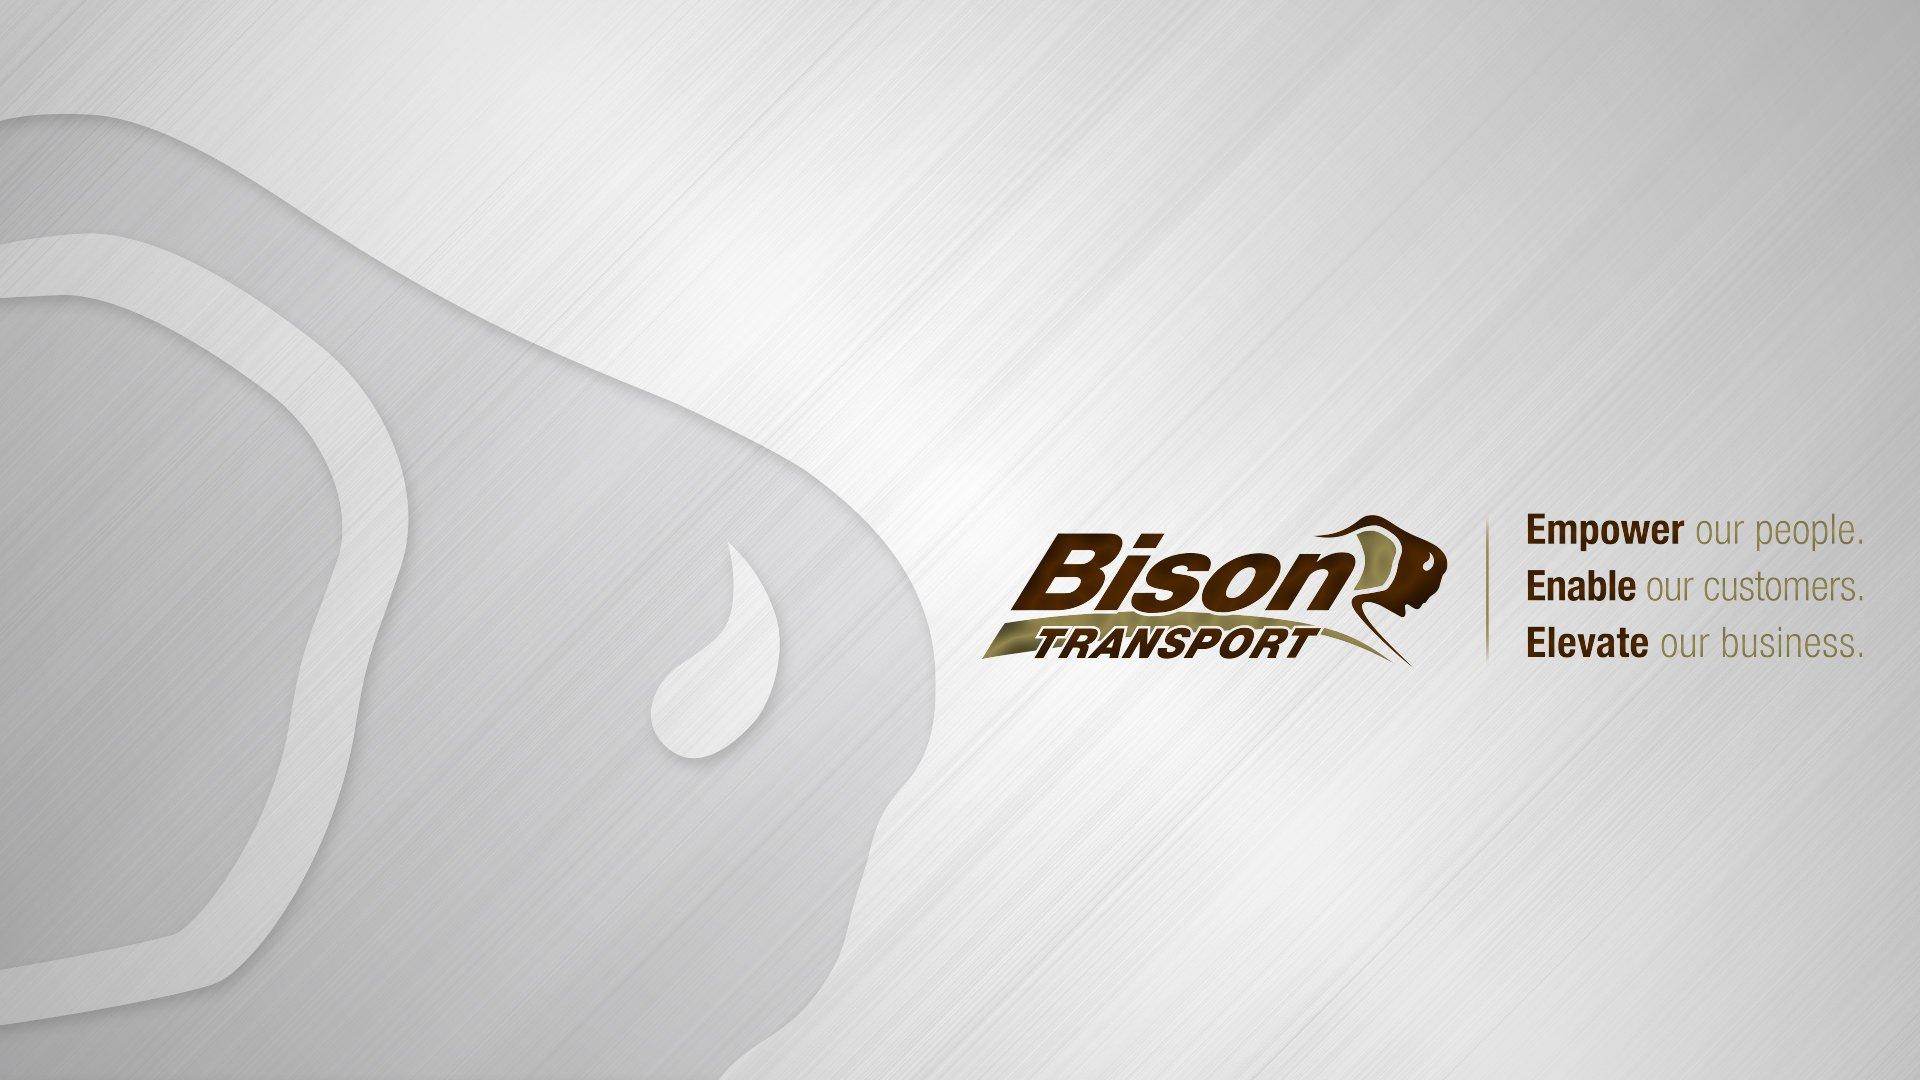 bison_background_17